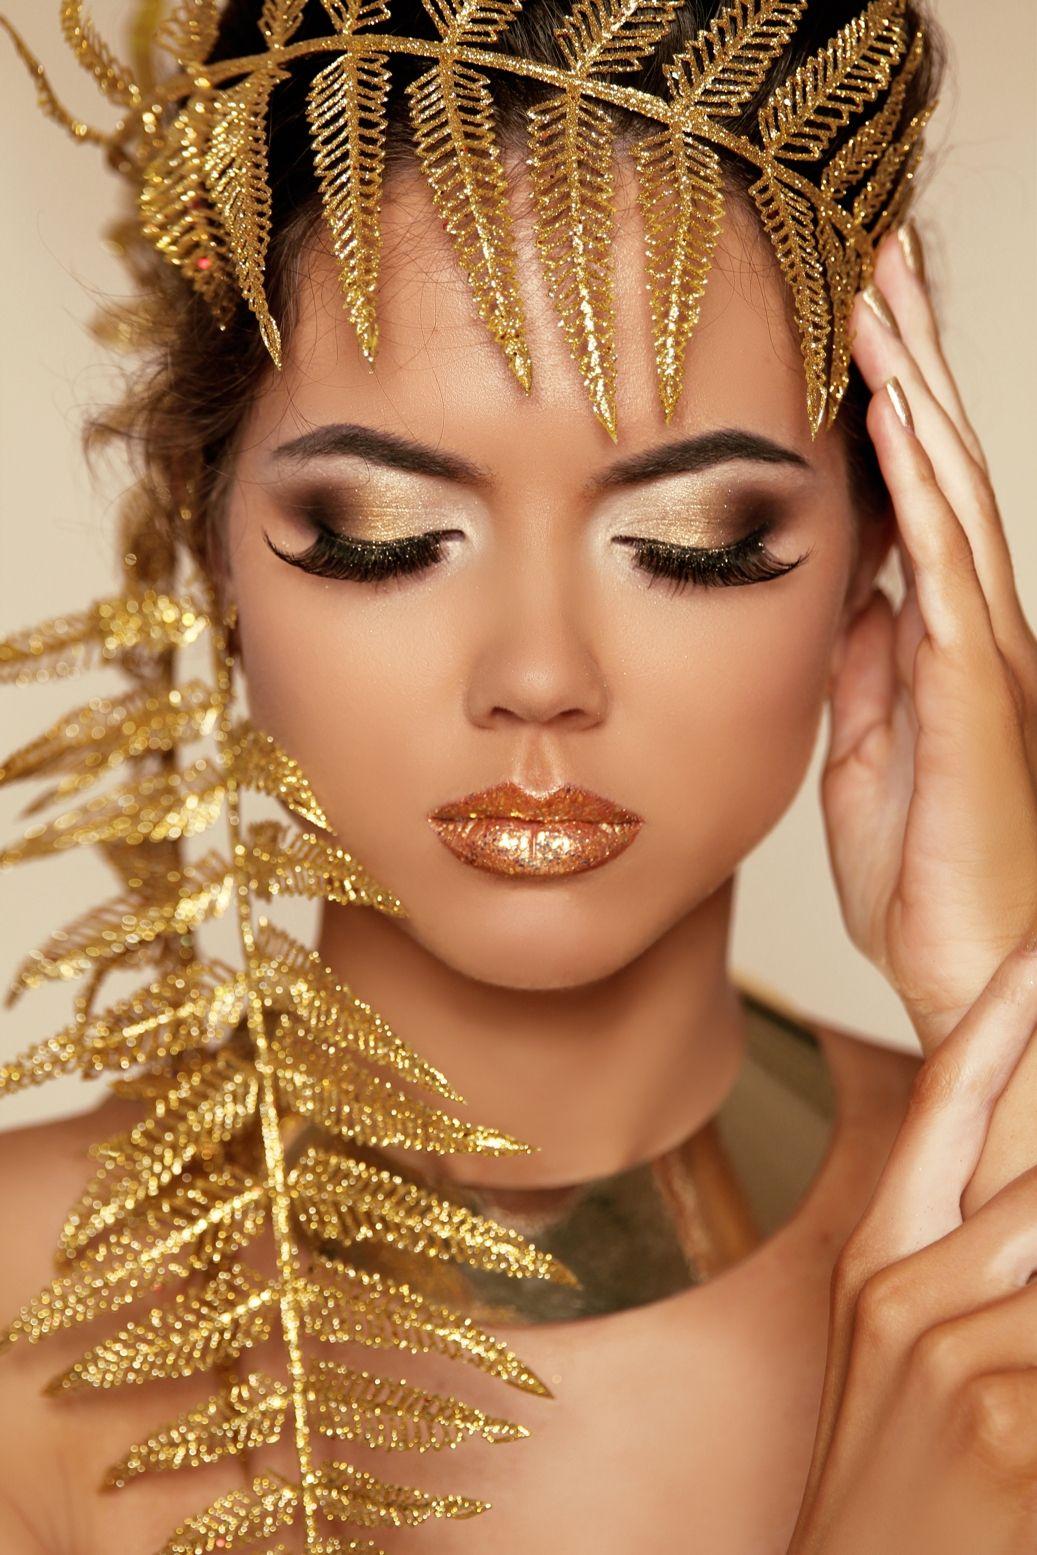 Golden Modern Goddess / karen cox | Modern Goddess ...